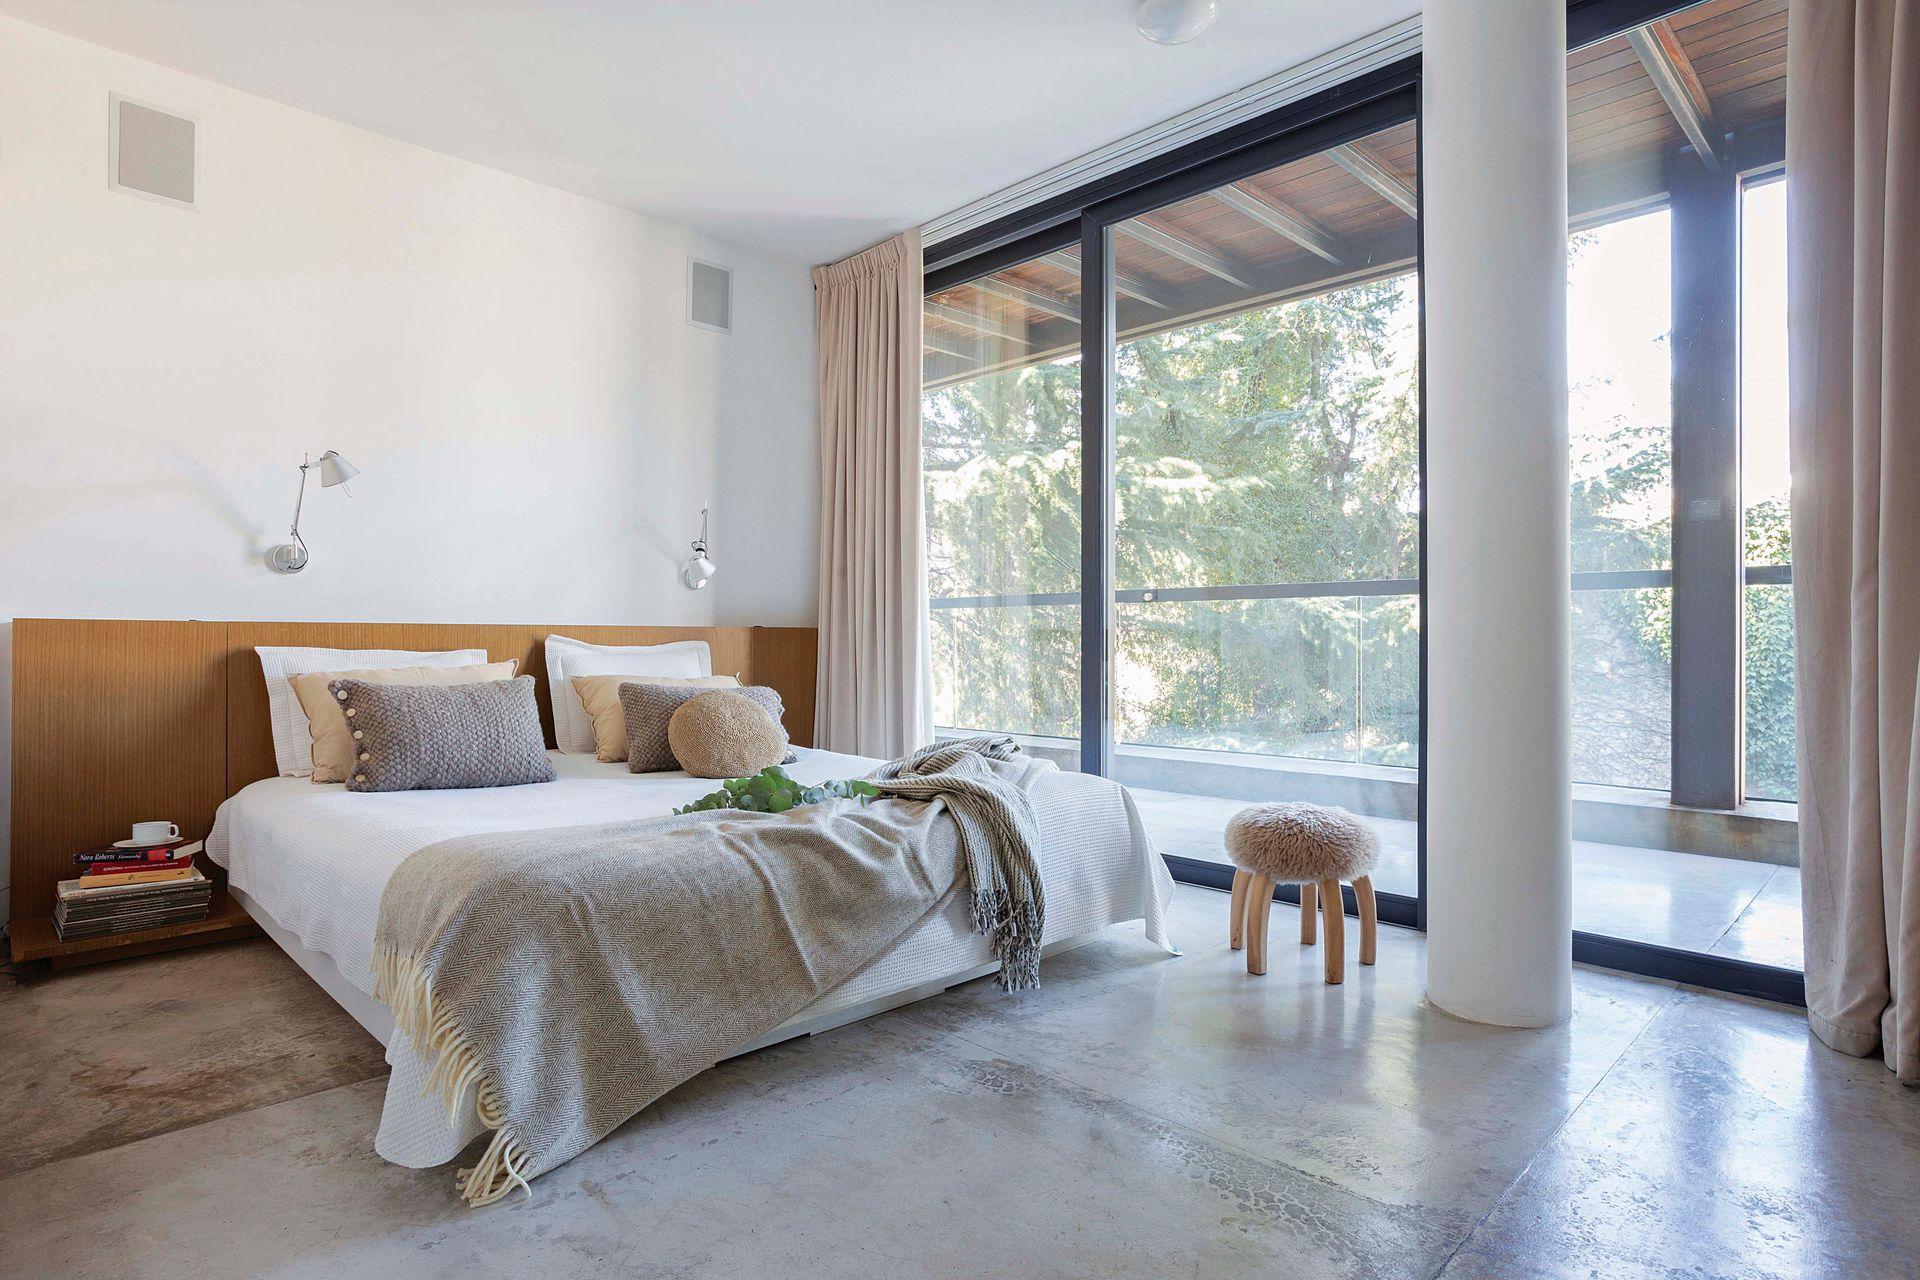 Discreto en su ambientación, pero bien vestido y mejor enmarcado, el cuarto tiene doble cortina: las de género más pesado frente a las más leves que solo tamizan la luz.